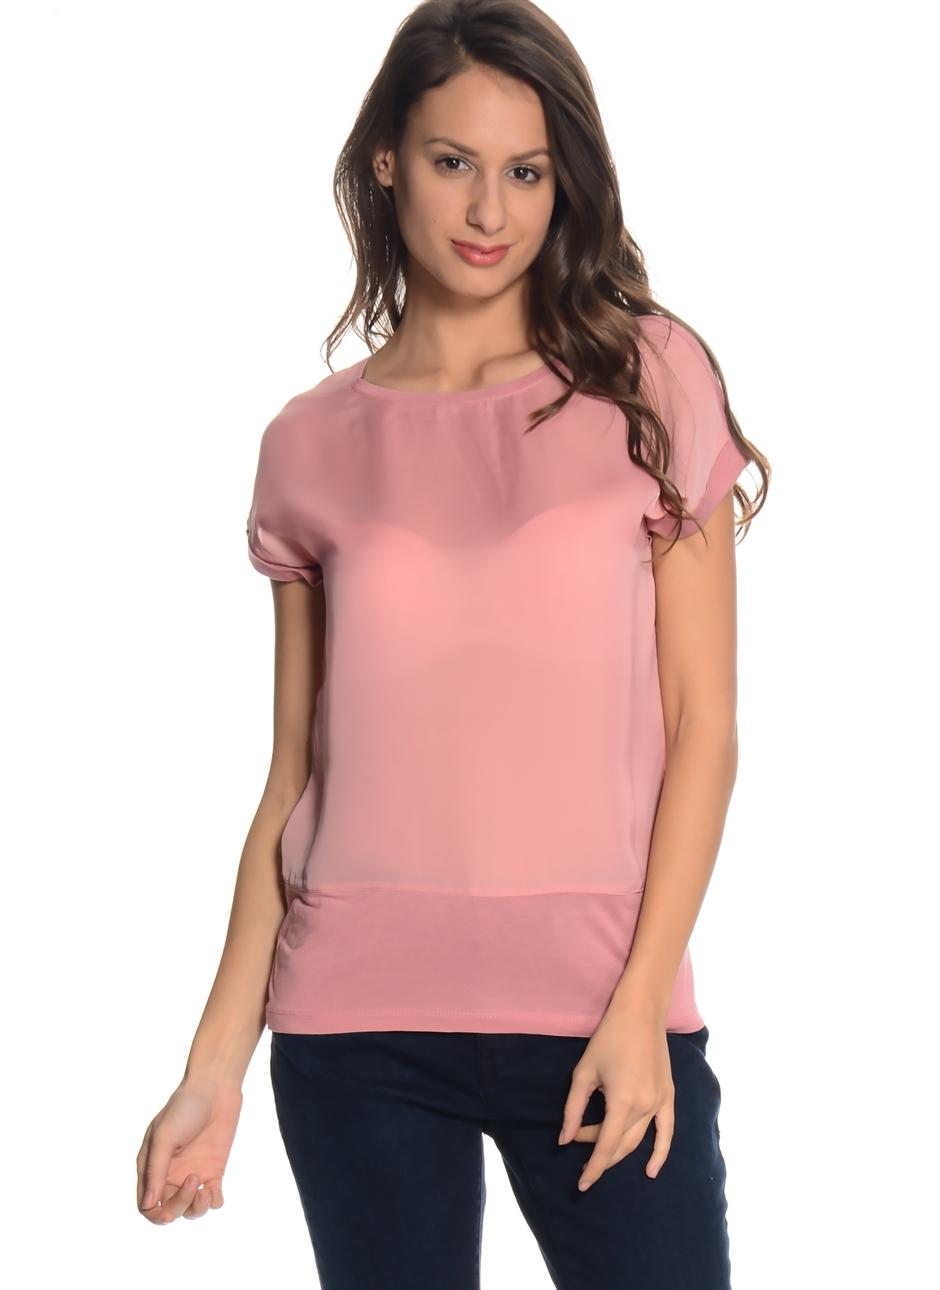 Vero Moda T-Shirt S 5000140807003 Ürün Resmi